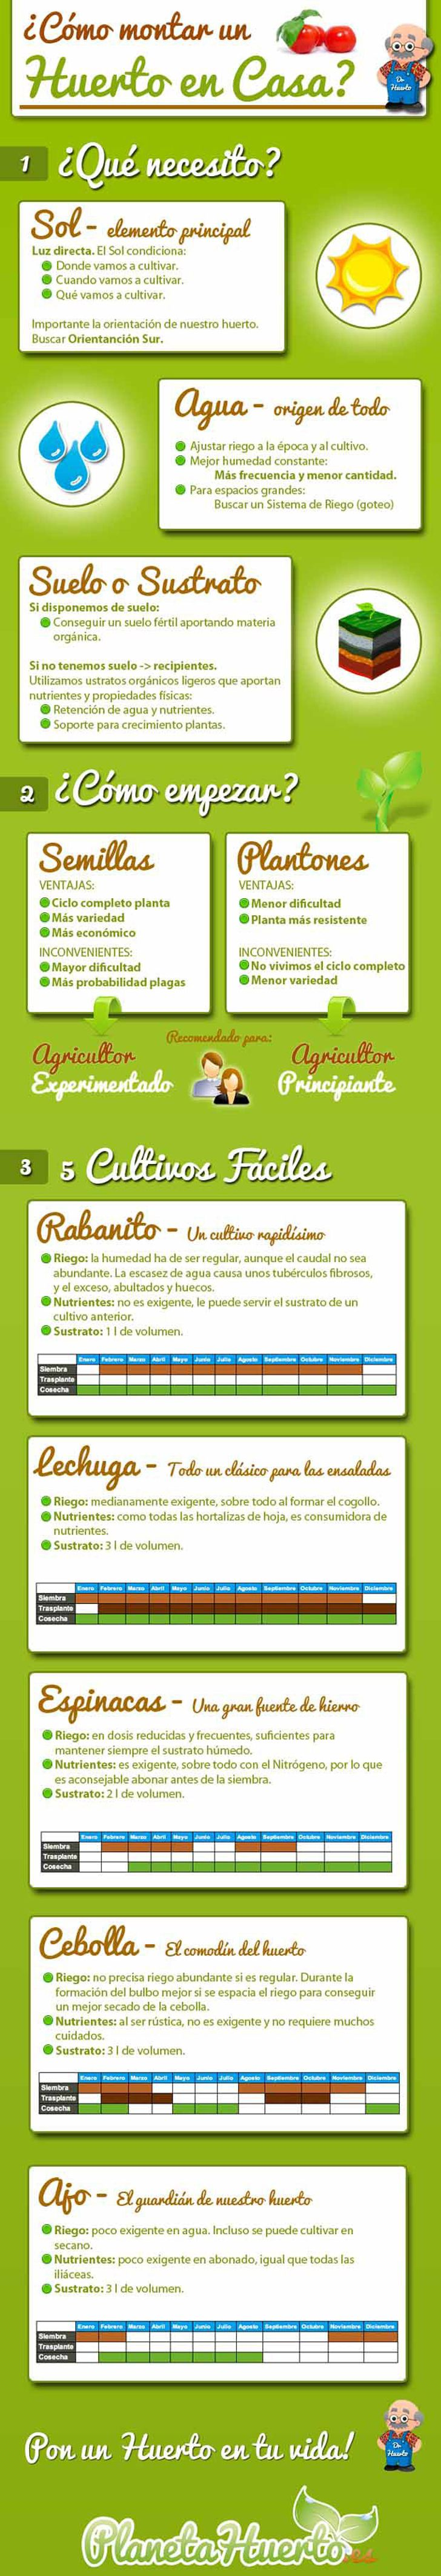 infografia-como-montar-huerto-en-casa